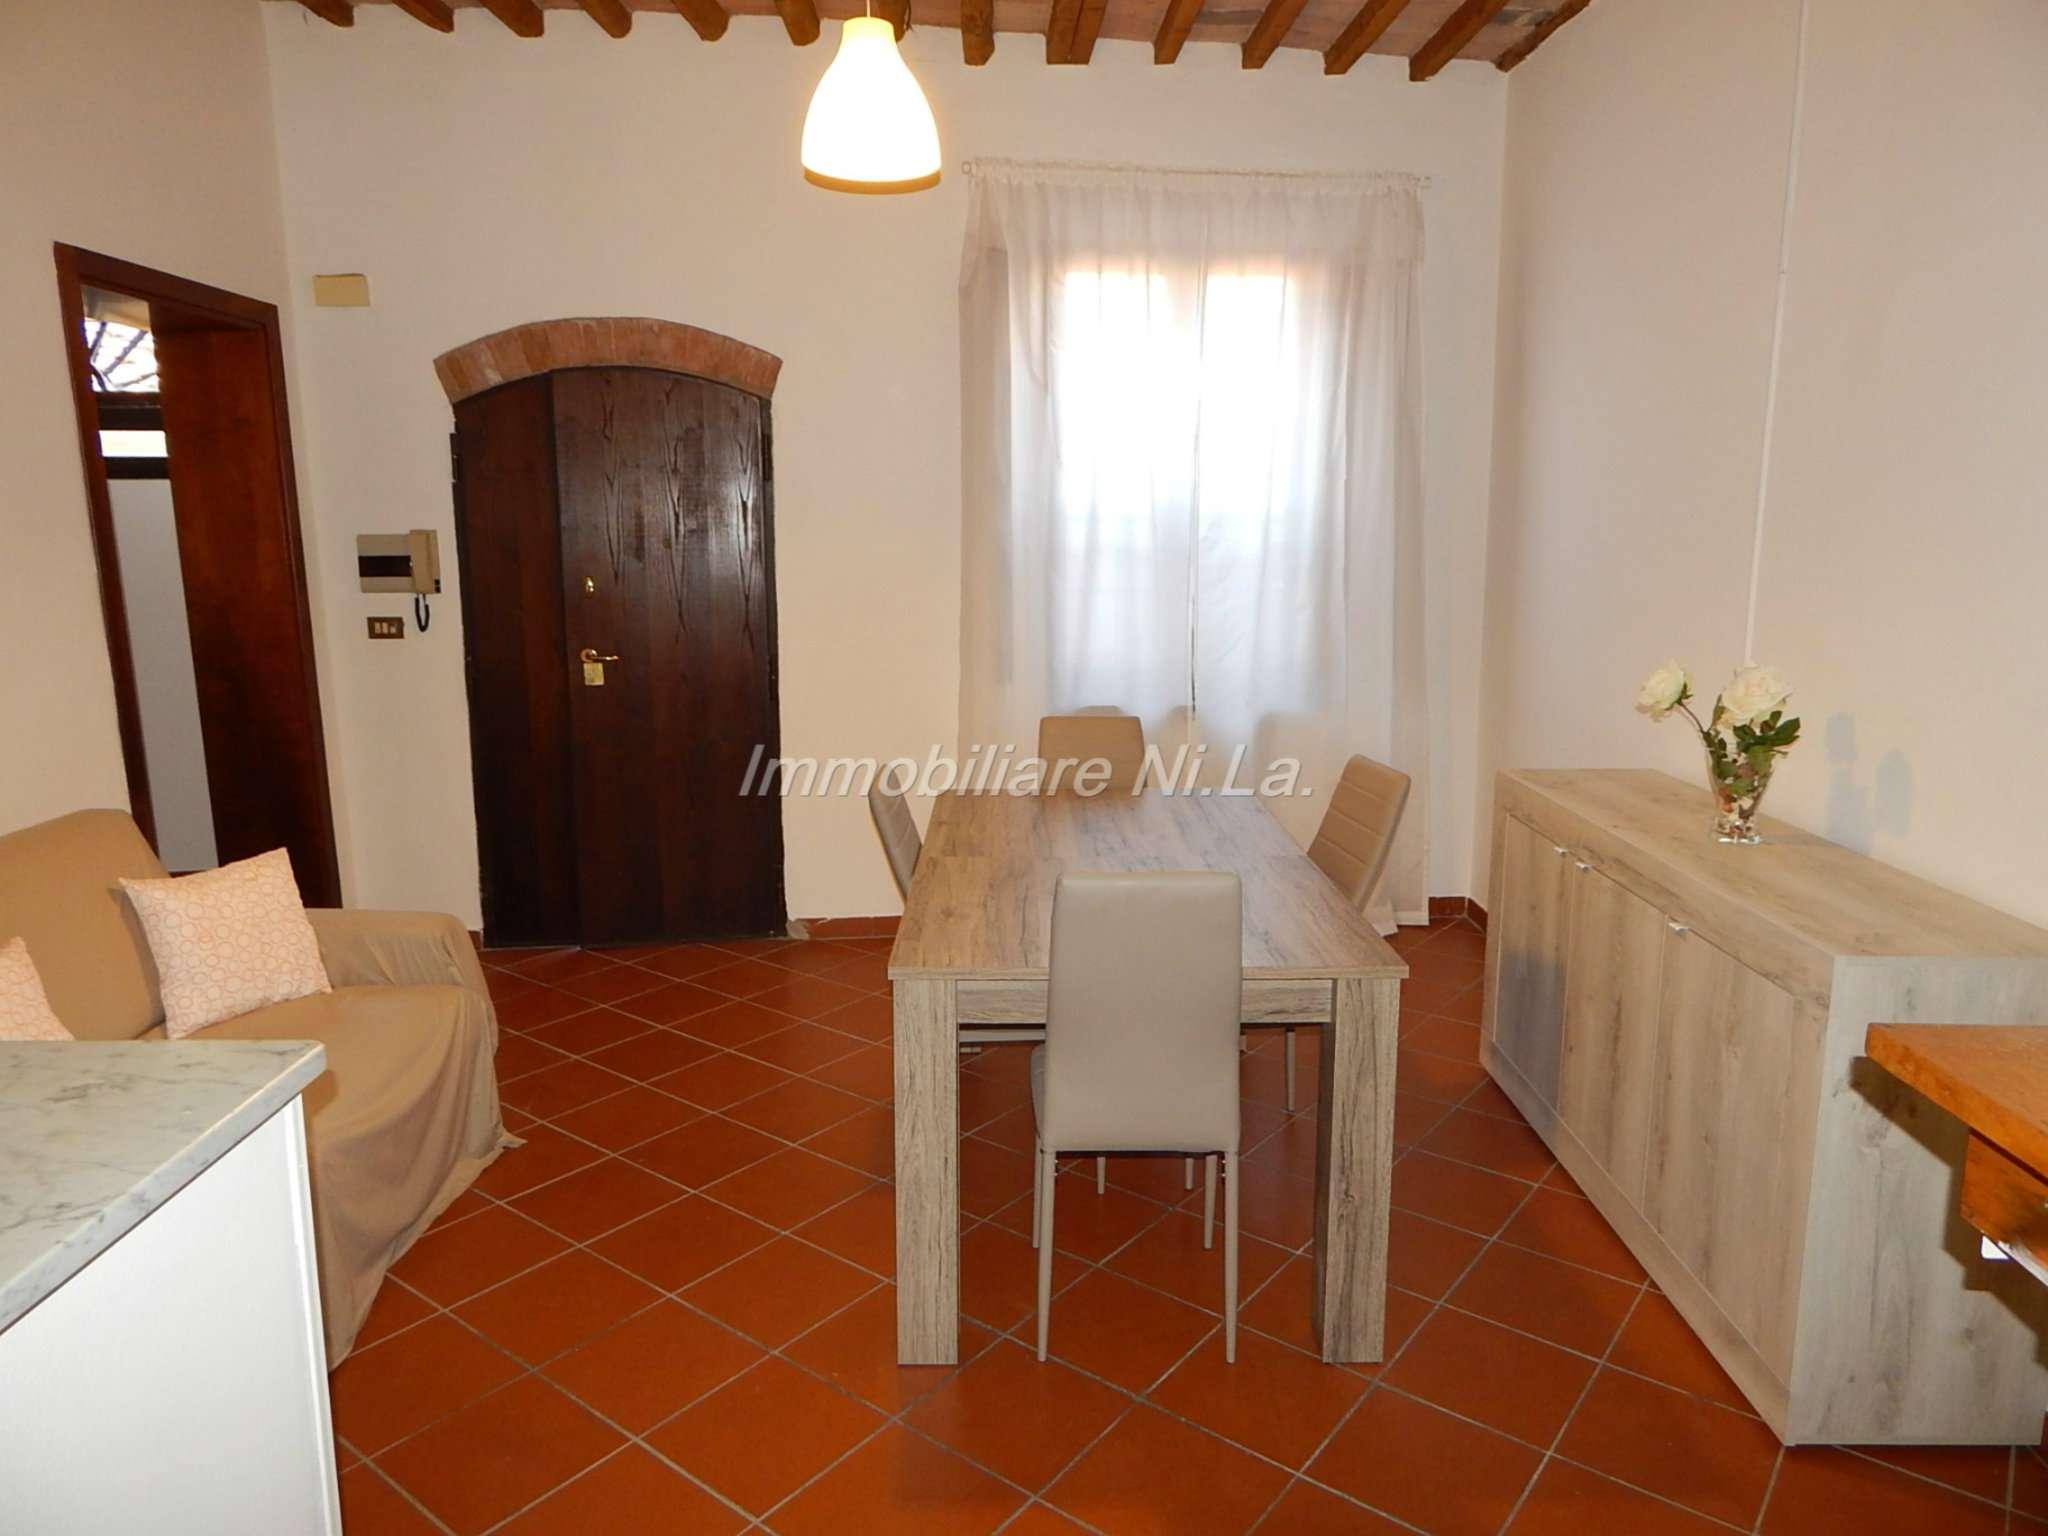 Palazzo / Stabile in vendita a Pisa, 3 locali, prezzo € 190.000 | CambioCasa.it